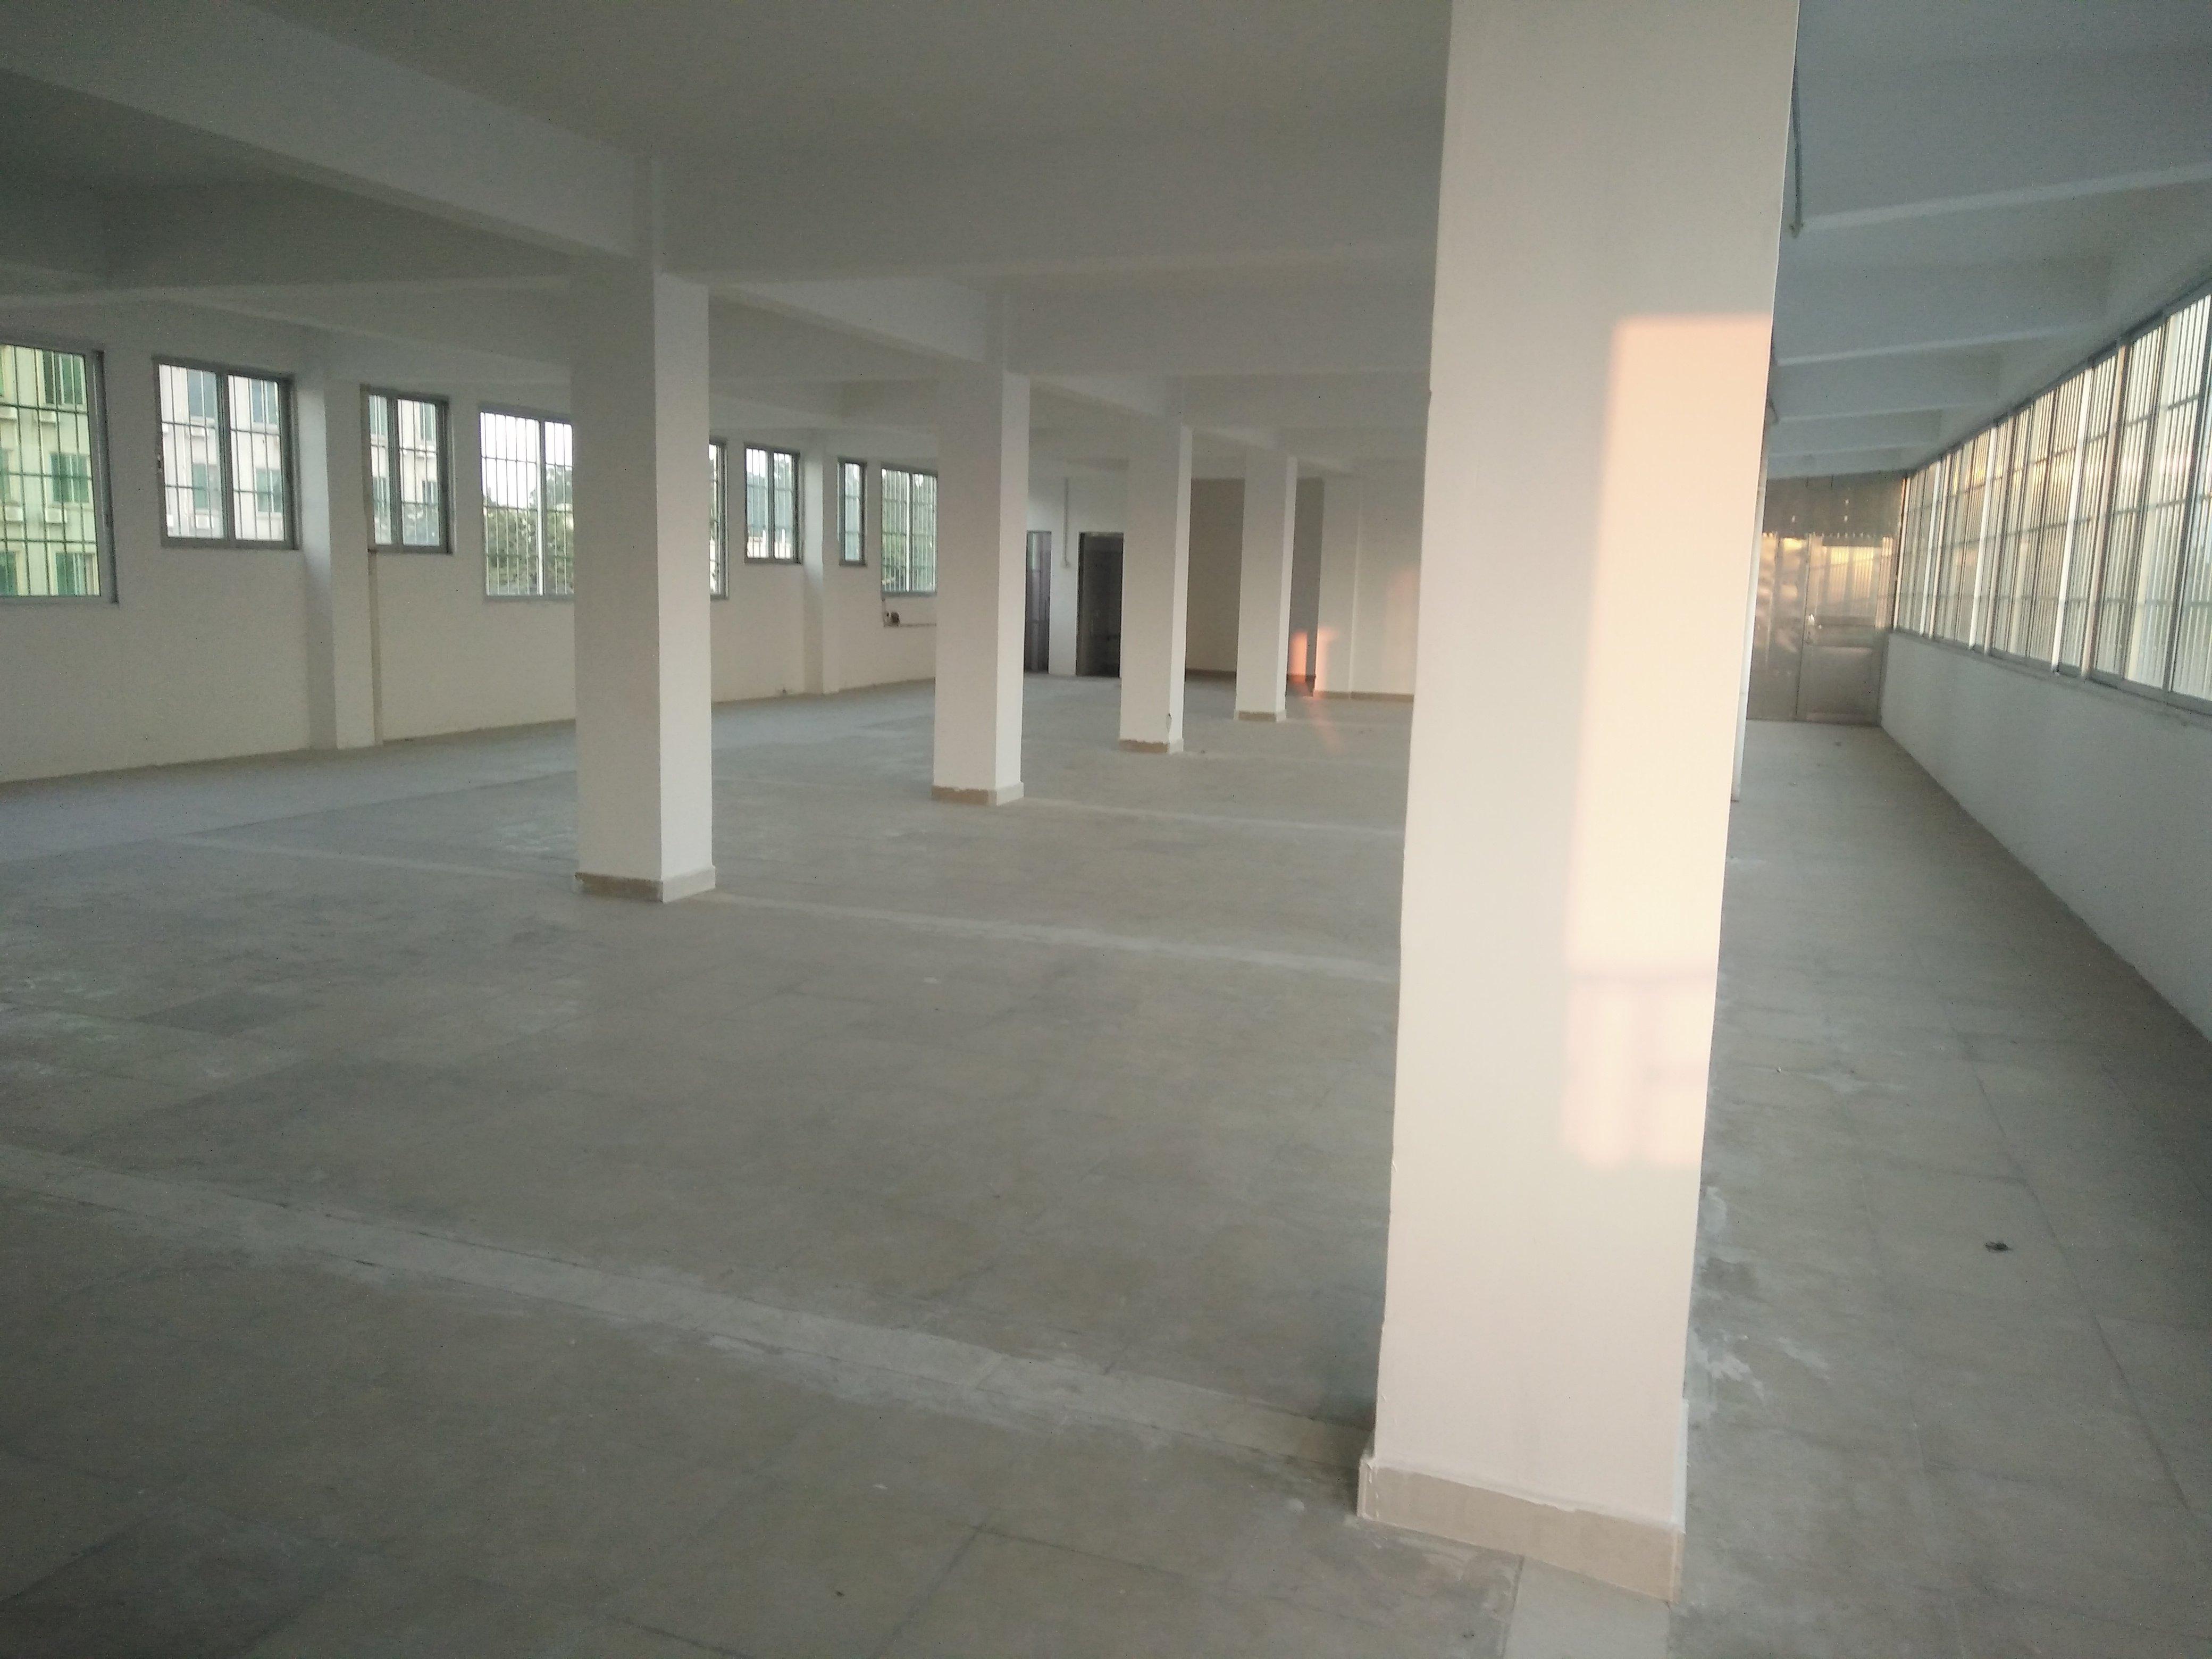 均安畅兴全新园区3楼厂房2000方形象好停车位多